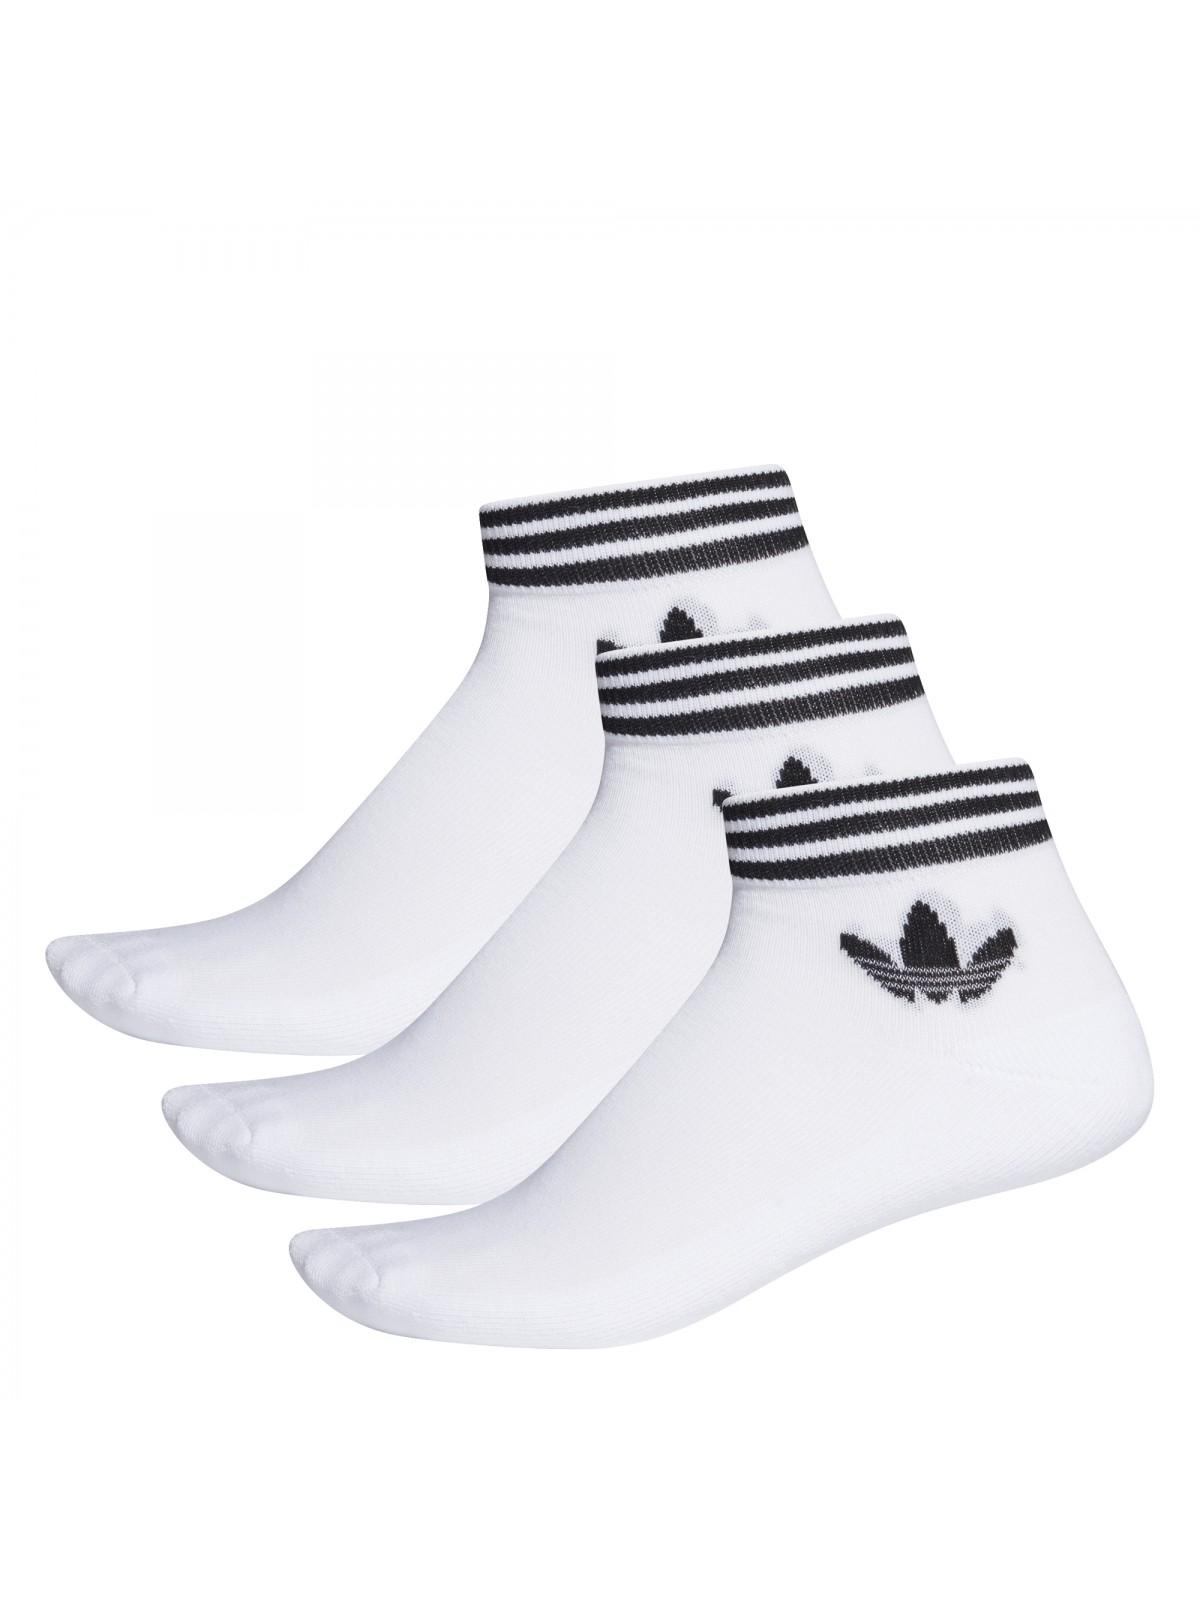 ADIDAS Chaussettes trefoil blanc / noir